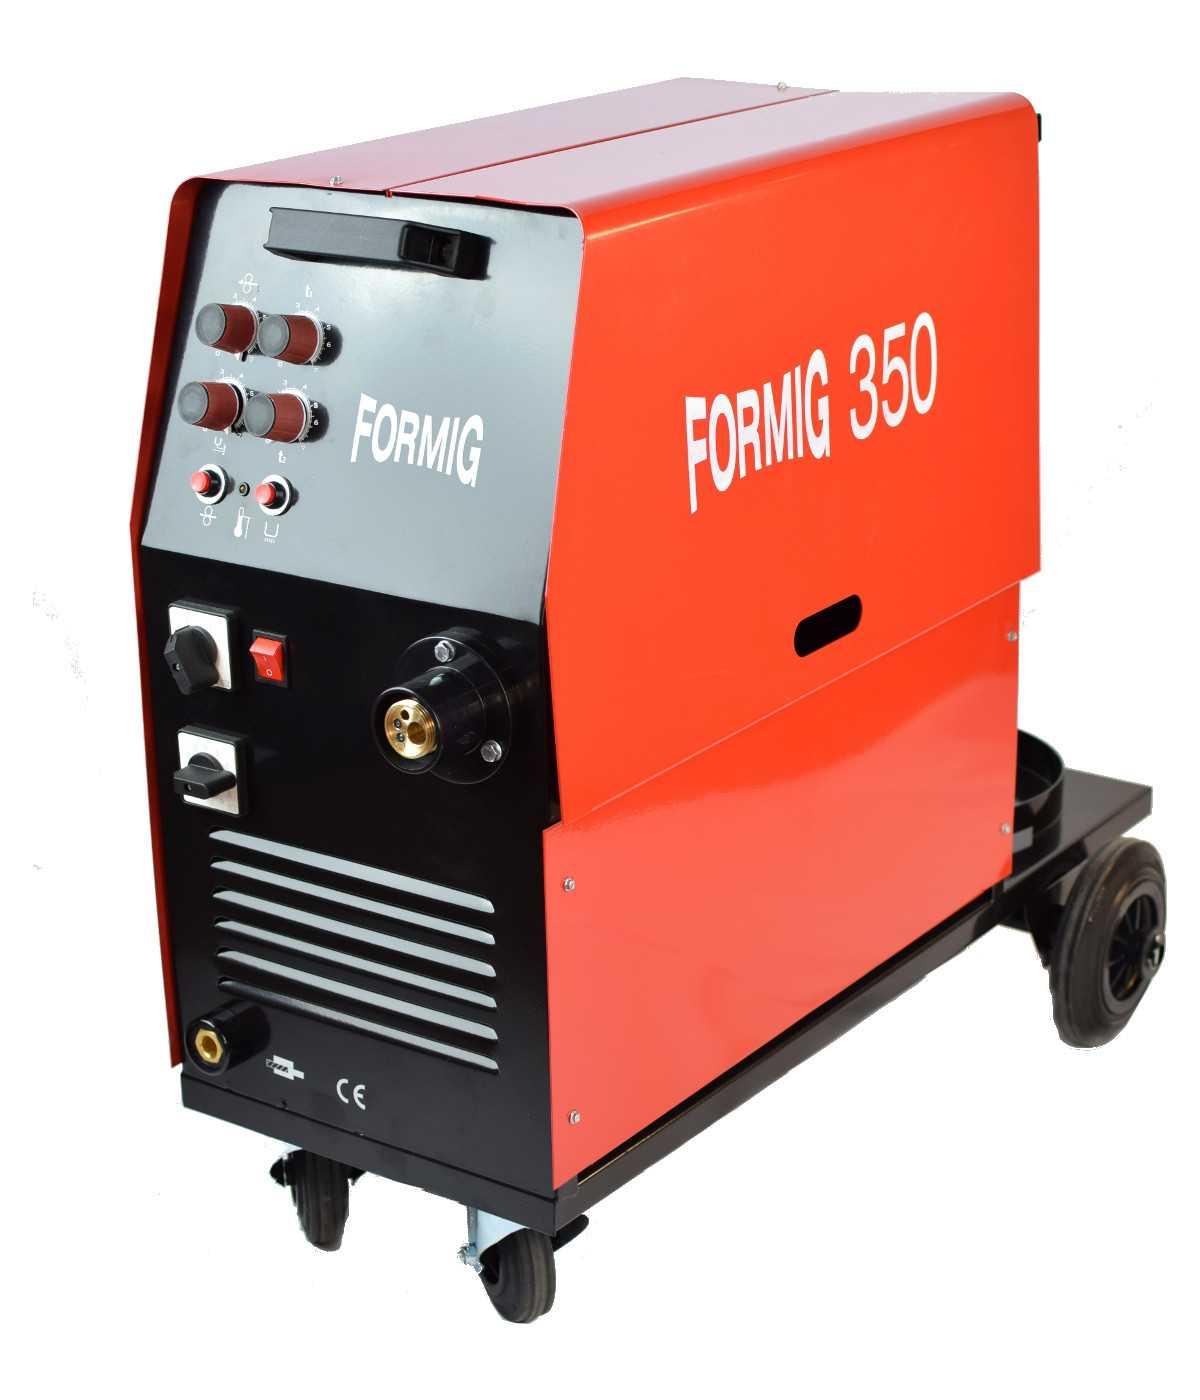 FORMIG 350 CO2 védőgázas transzformátoros hegesztőgép